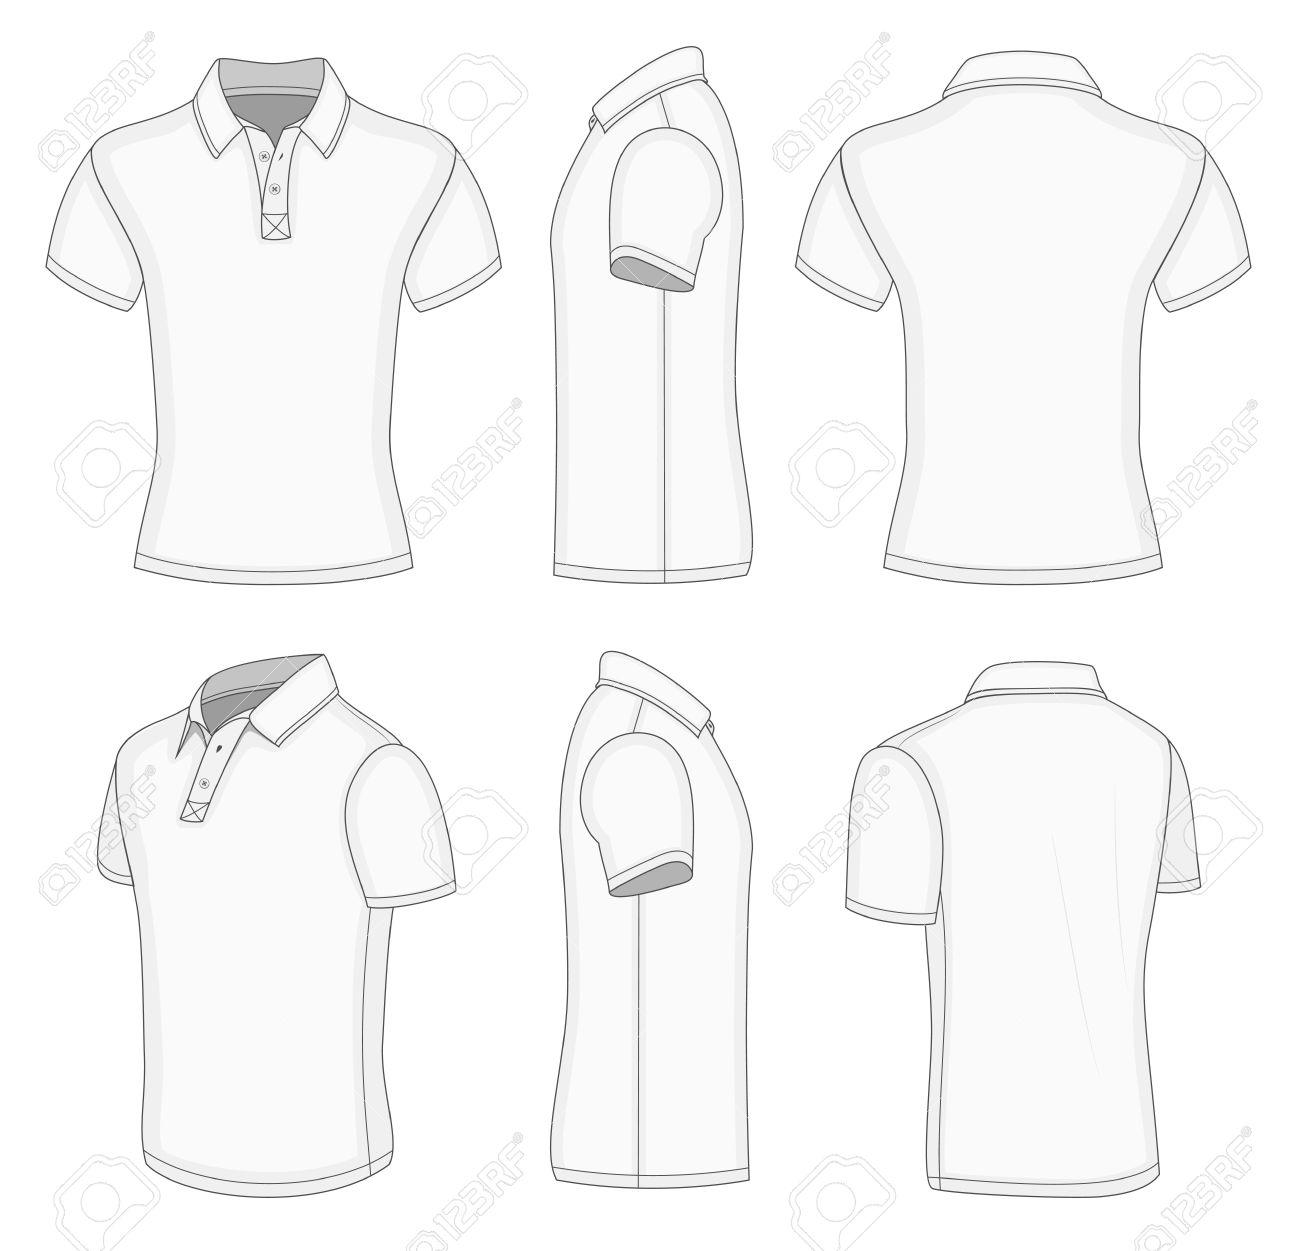 Blancos de polo de manga corta de los hombres de las plantillas de diseño  camiseta ( 0f049e63bd55c